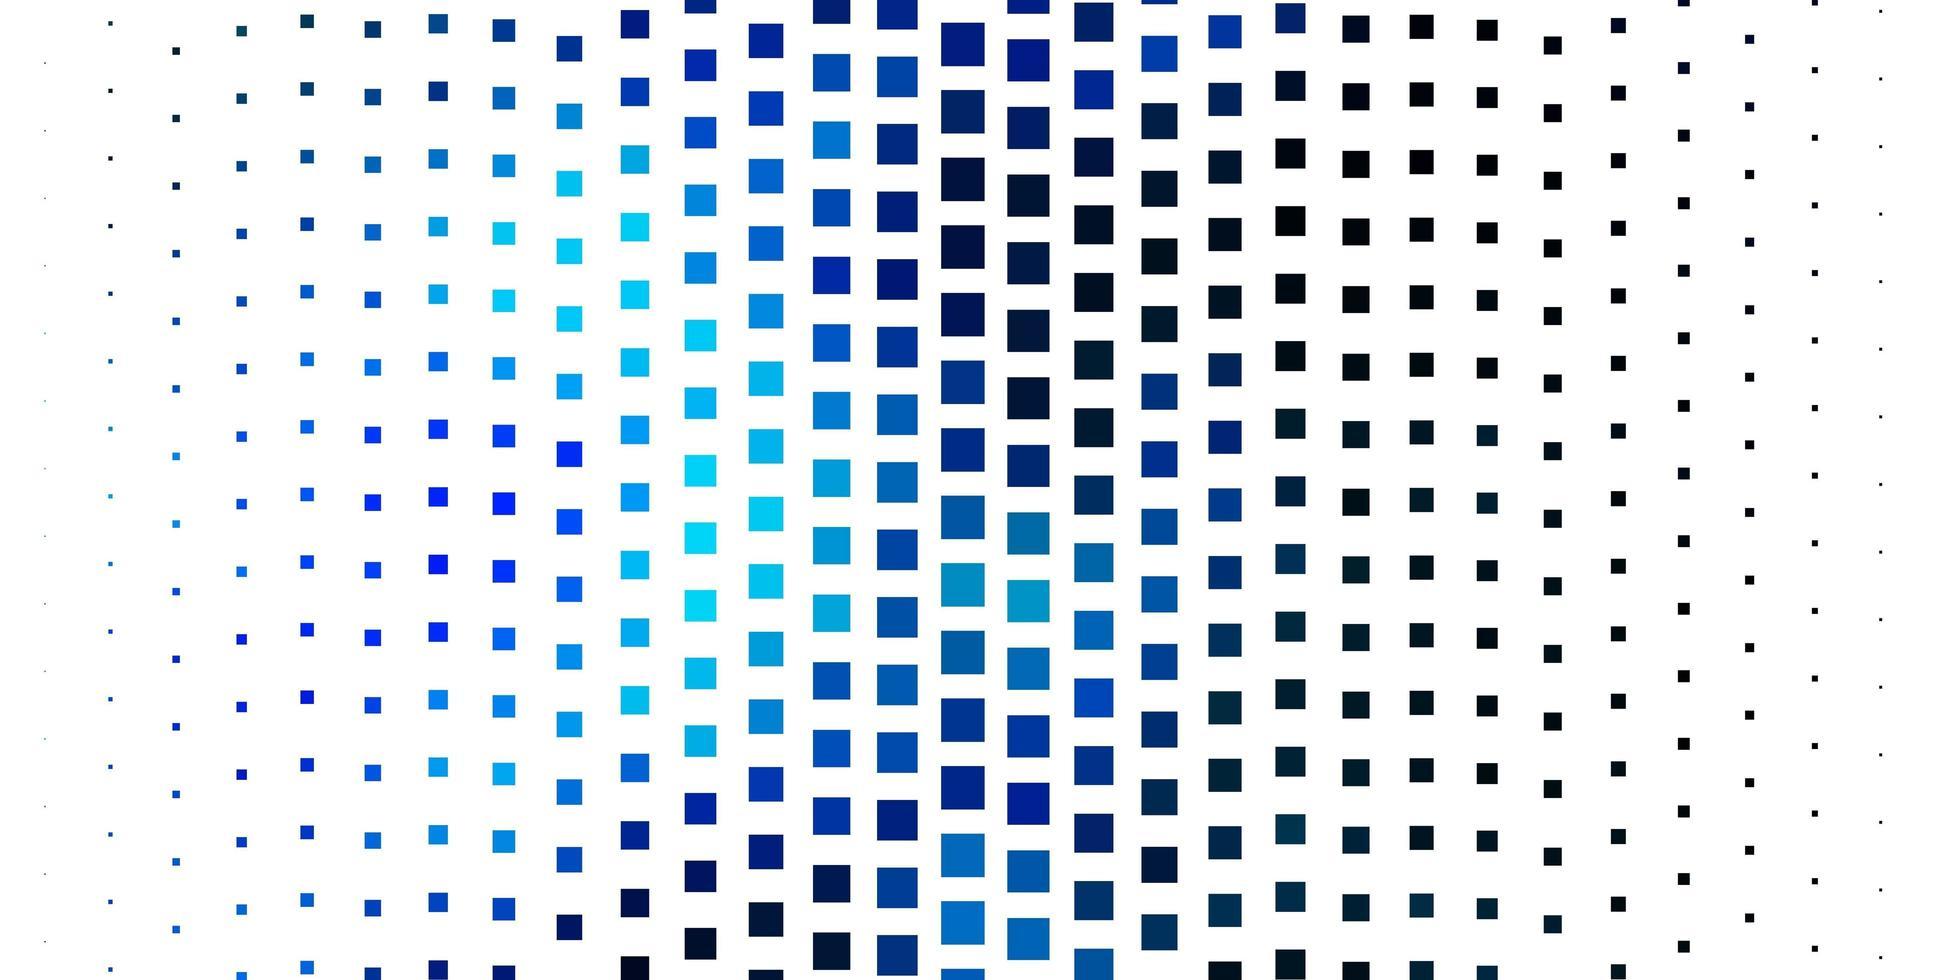 layout de vetor de azul escuro e verde com linhas, retângulos.